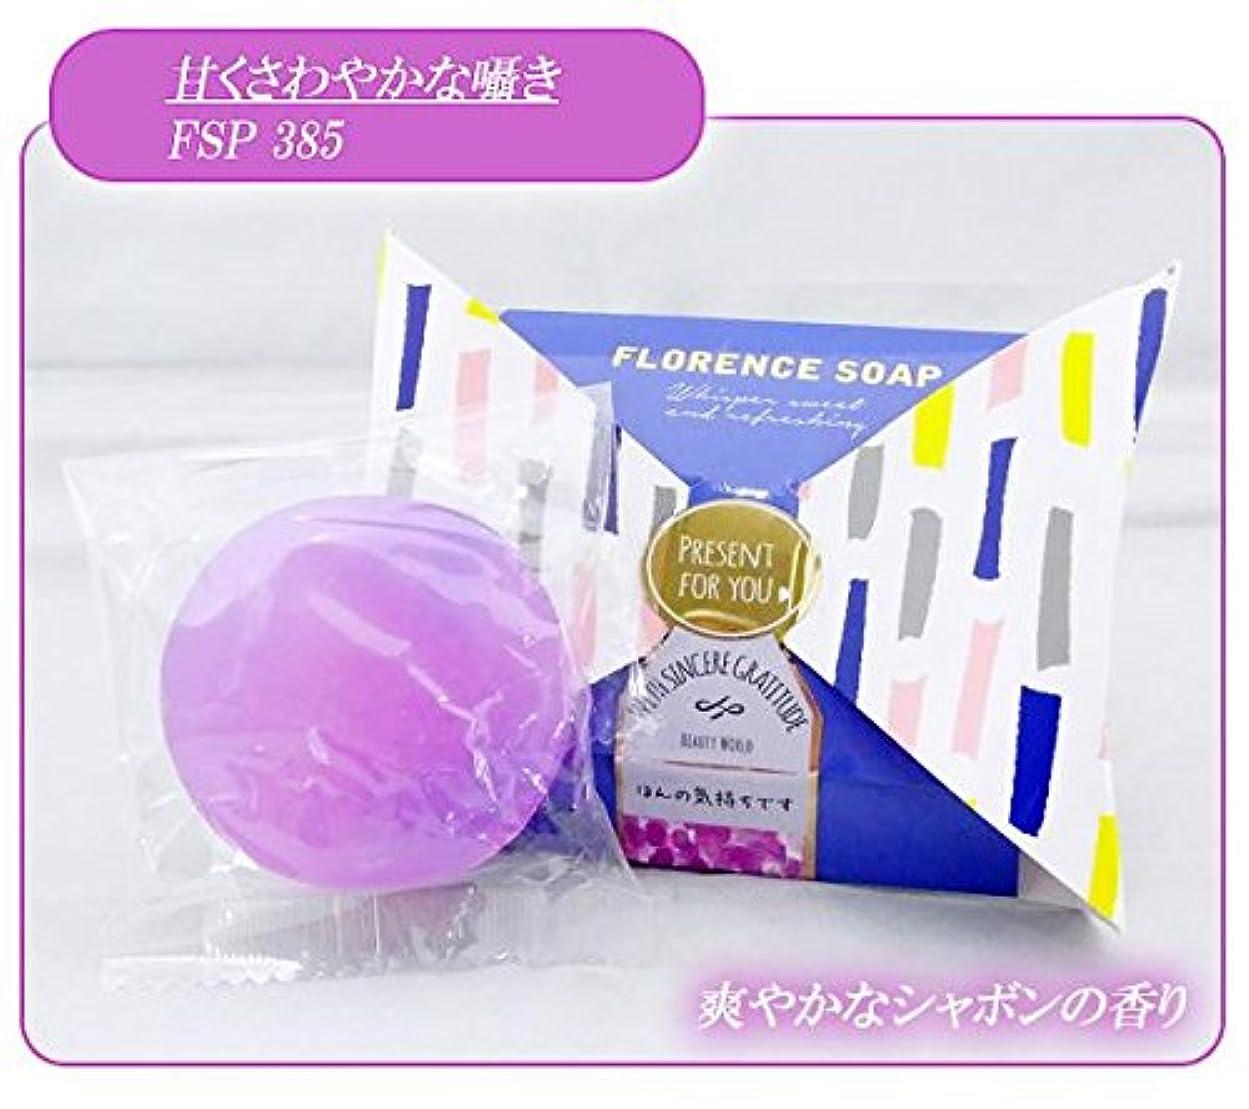 傾斜ポスト印象派透過性ビューティーワールド BWフローレンスの香り石けん リボンパッケージ 6個セット 甘くさわやかな囁き